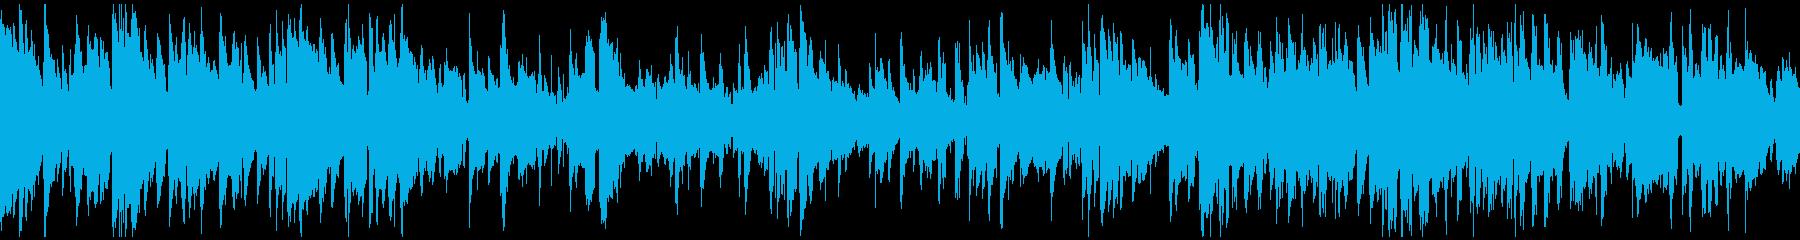 現代ジャズ、スマートな雰囲気 ※ループ版の再生済みの波形